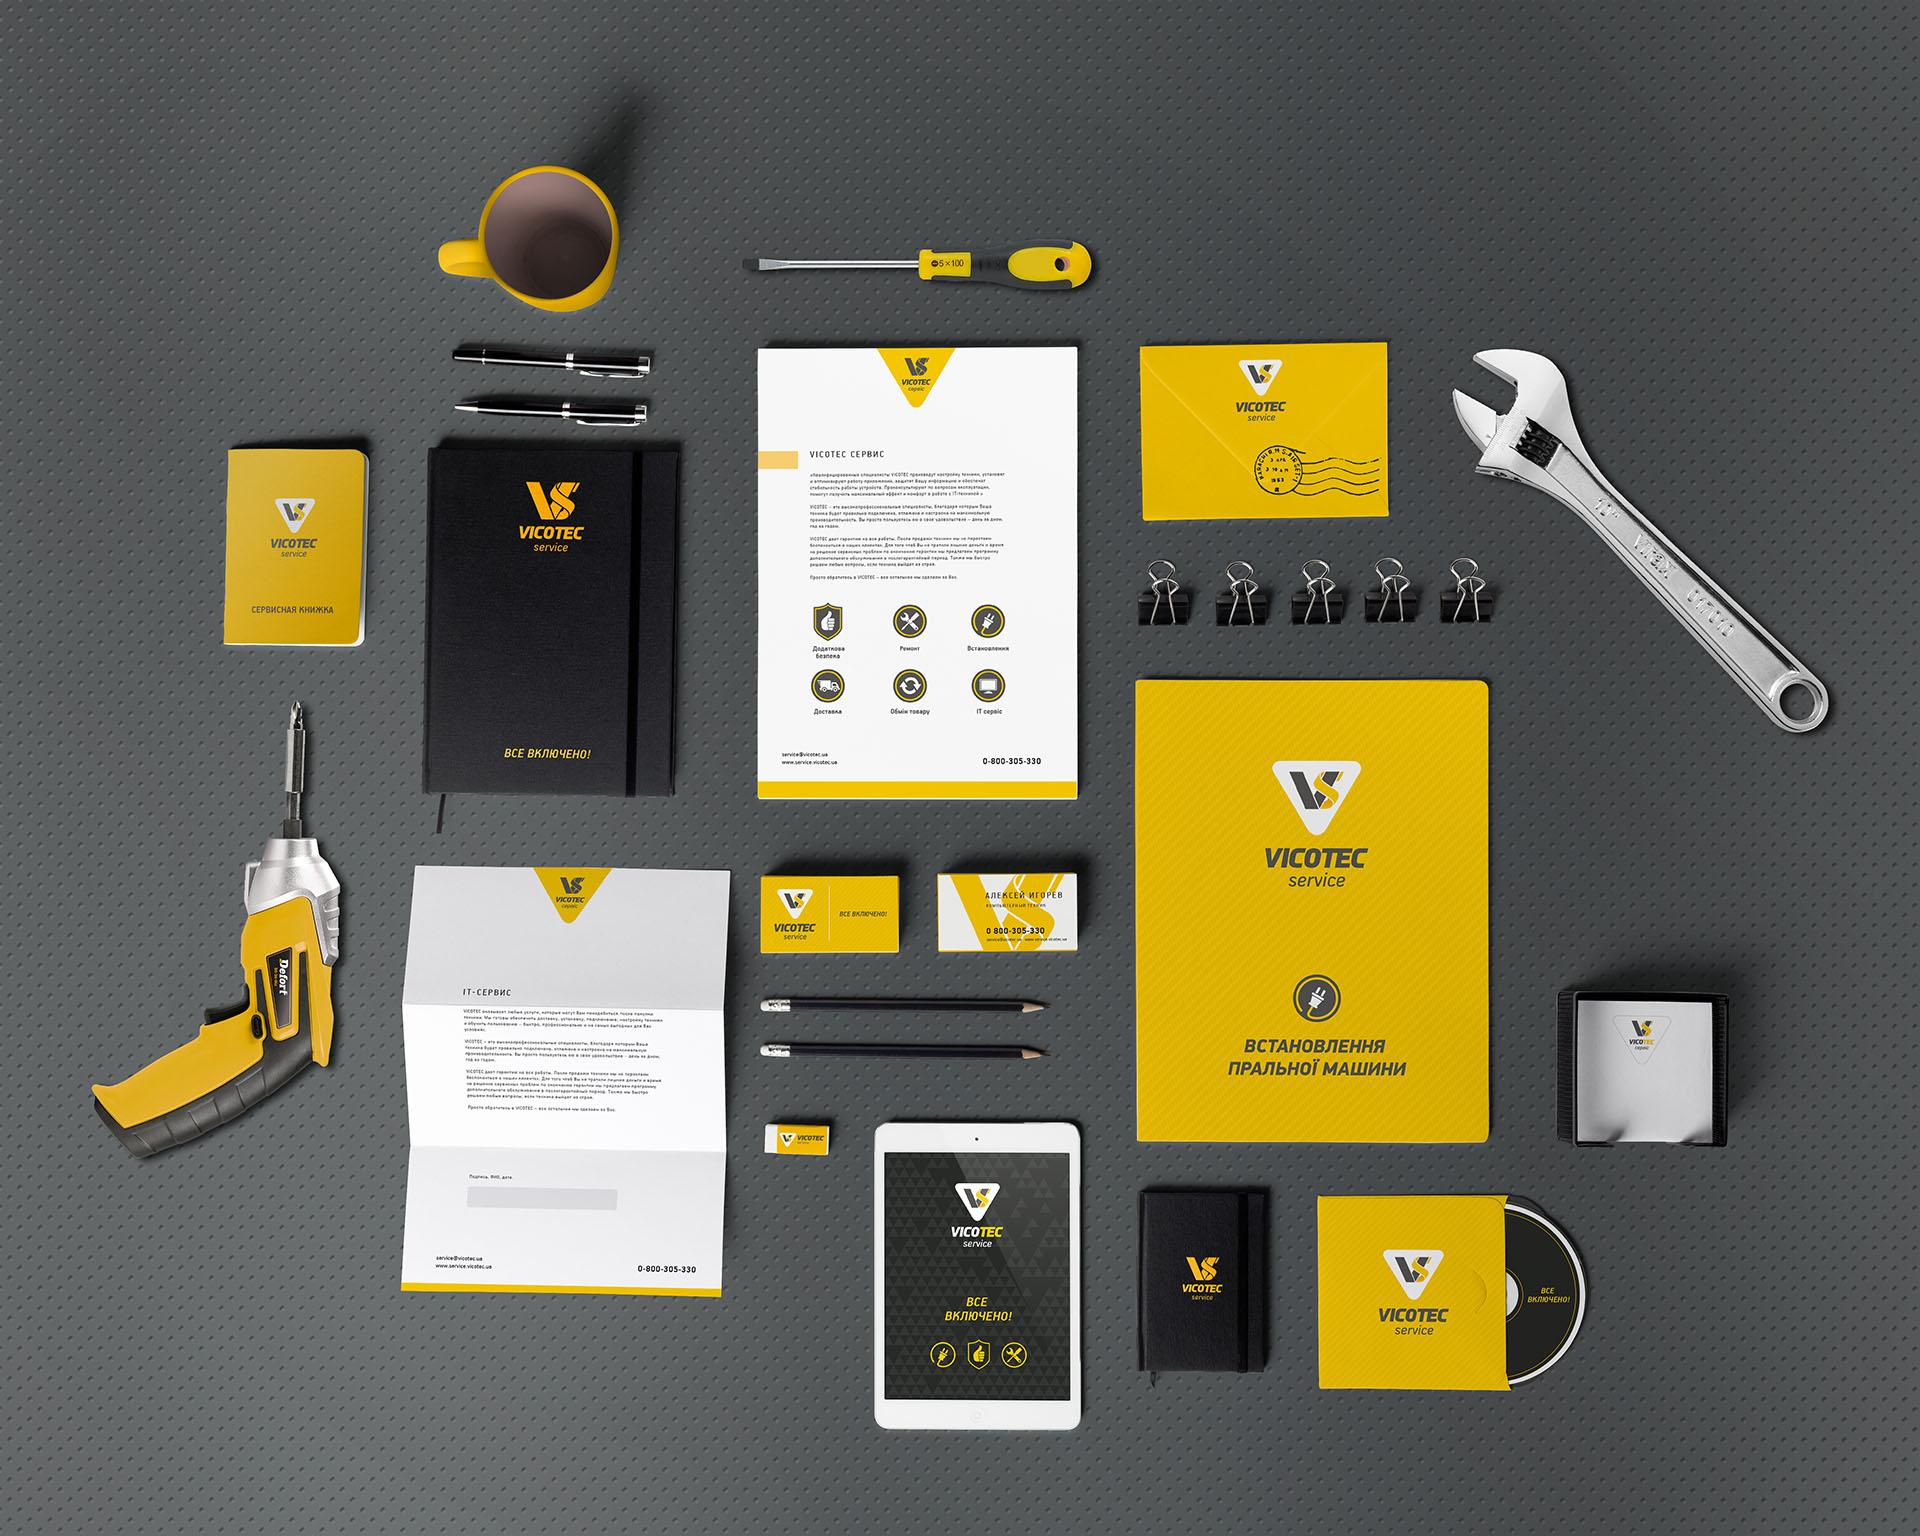 брендбук Vicotec сервис, Brandbook Vicotec service